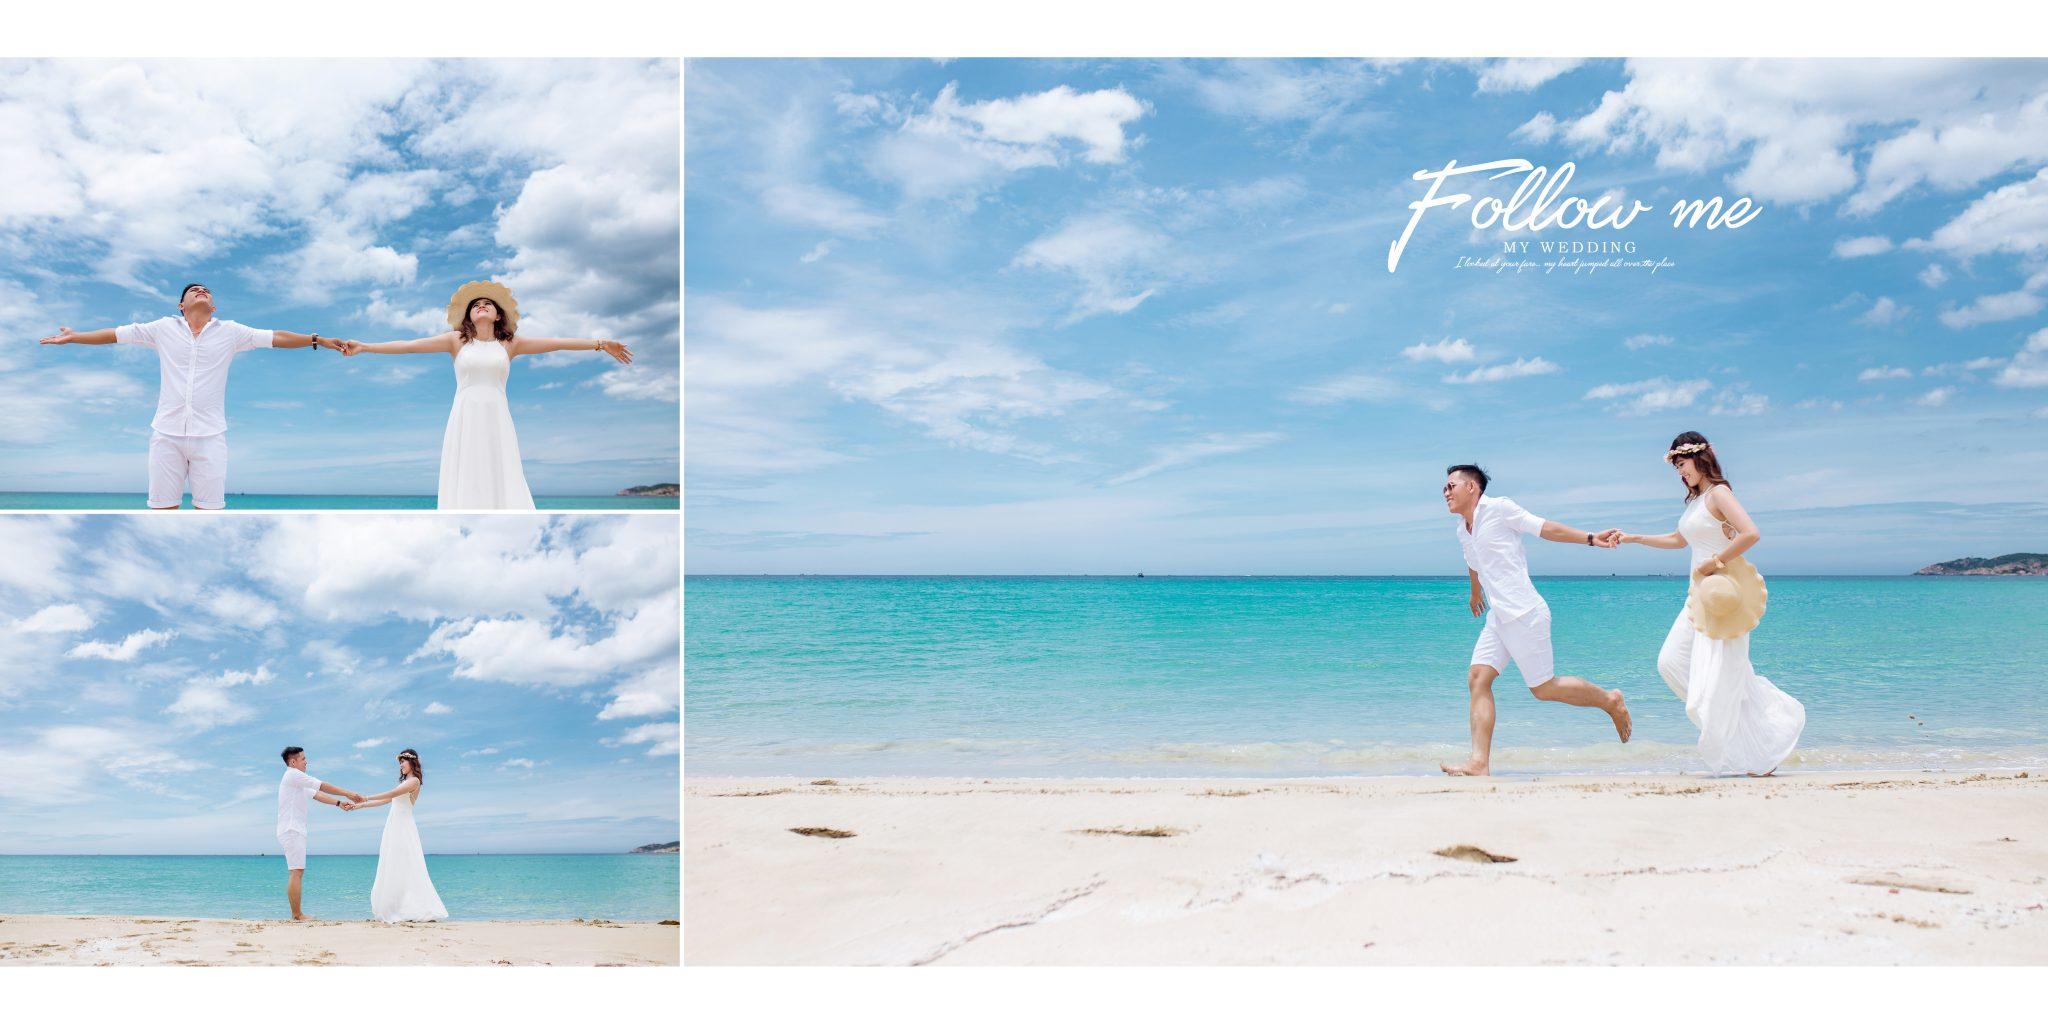 Chụp ảnh cưới tại biển Bình Tiên